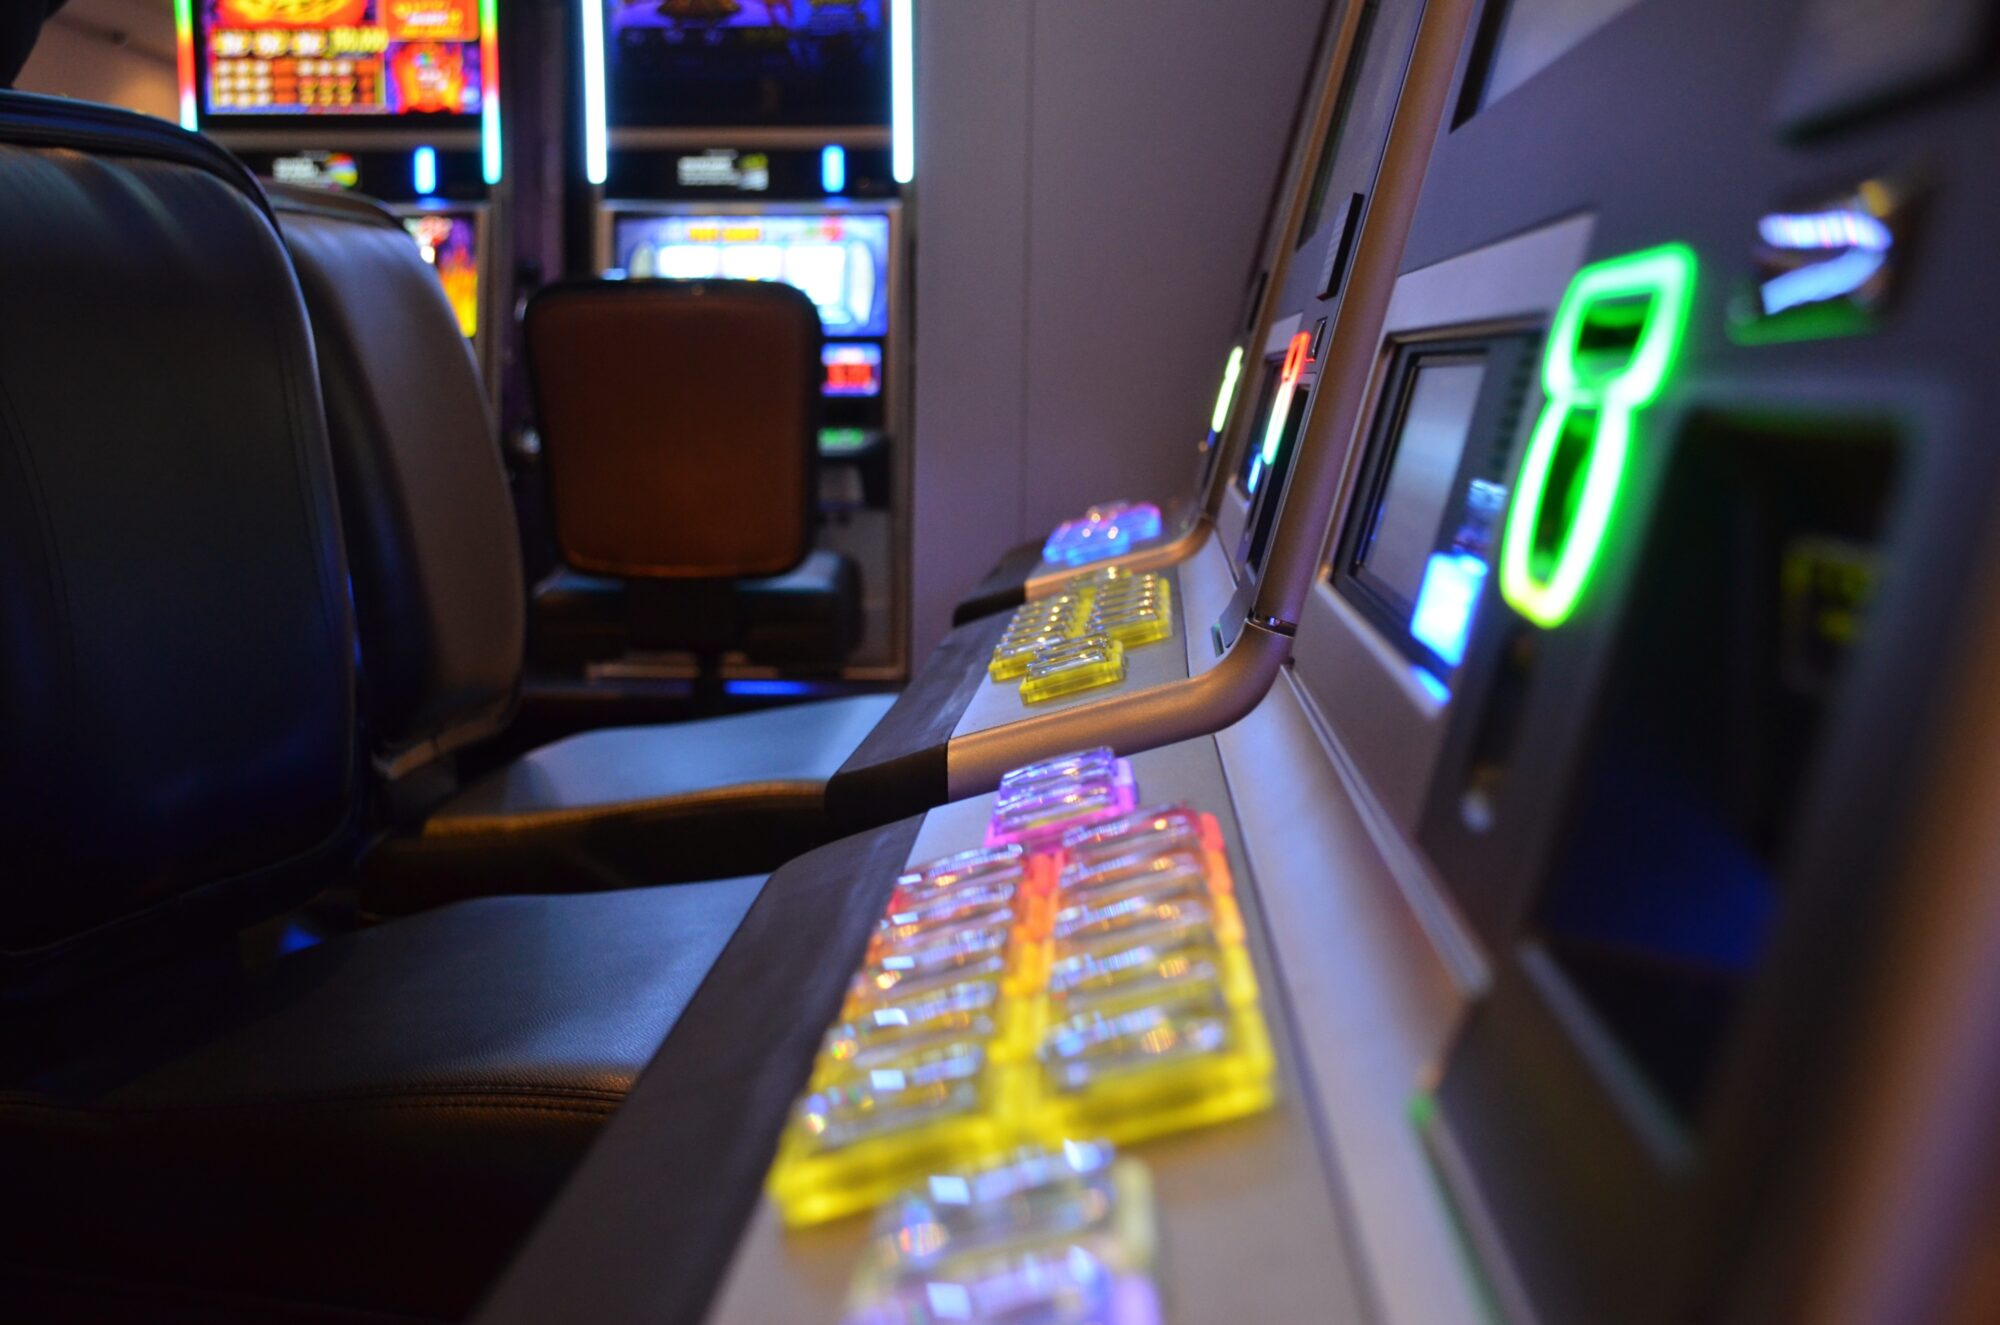 Жителька Фастова погрожувала підірвати гральний зал - Фастів - technology vehicle airline machine cockpit slot machine 962358 pxhere.com  2000x1325